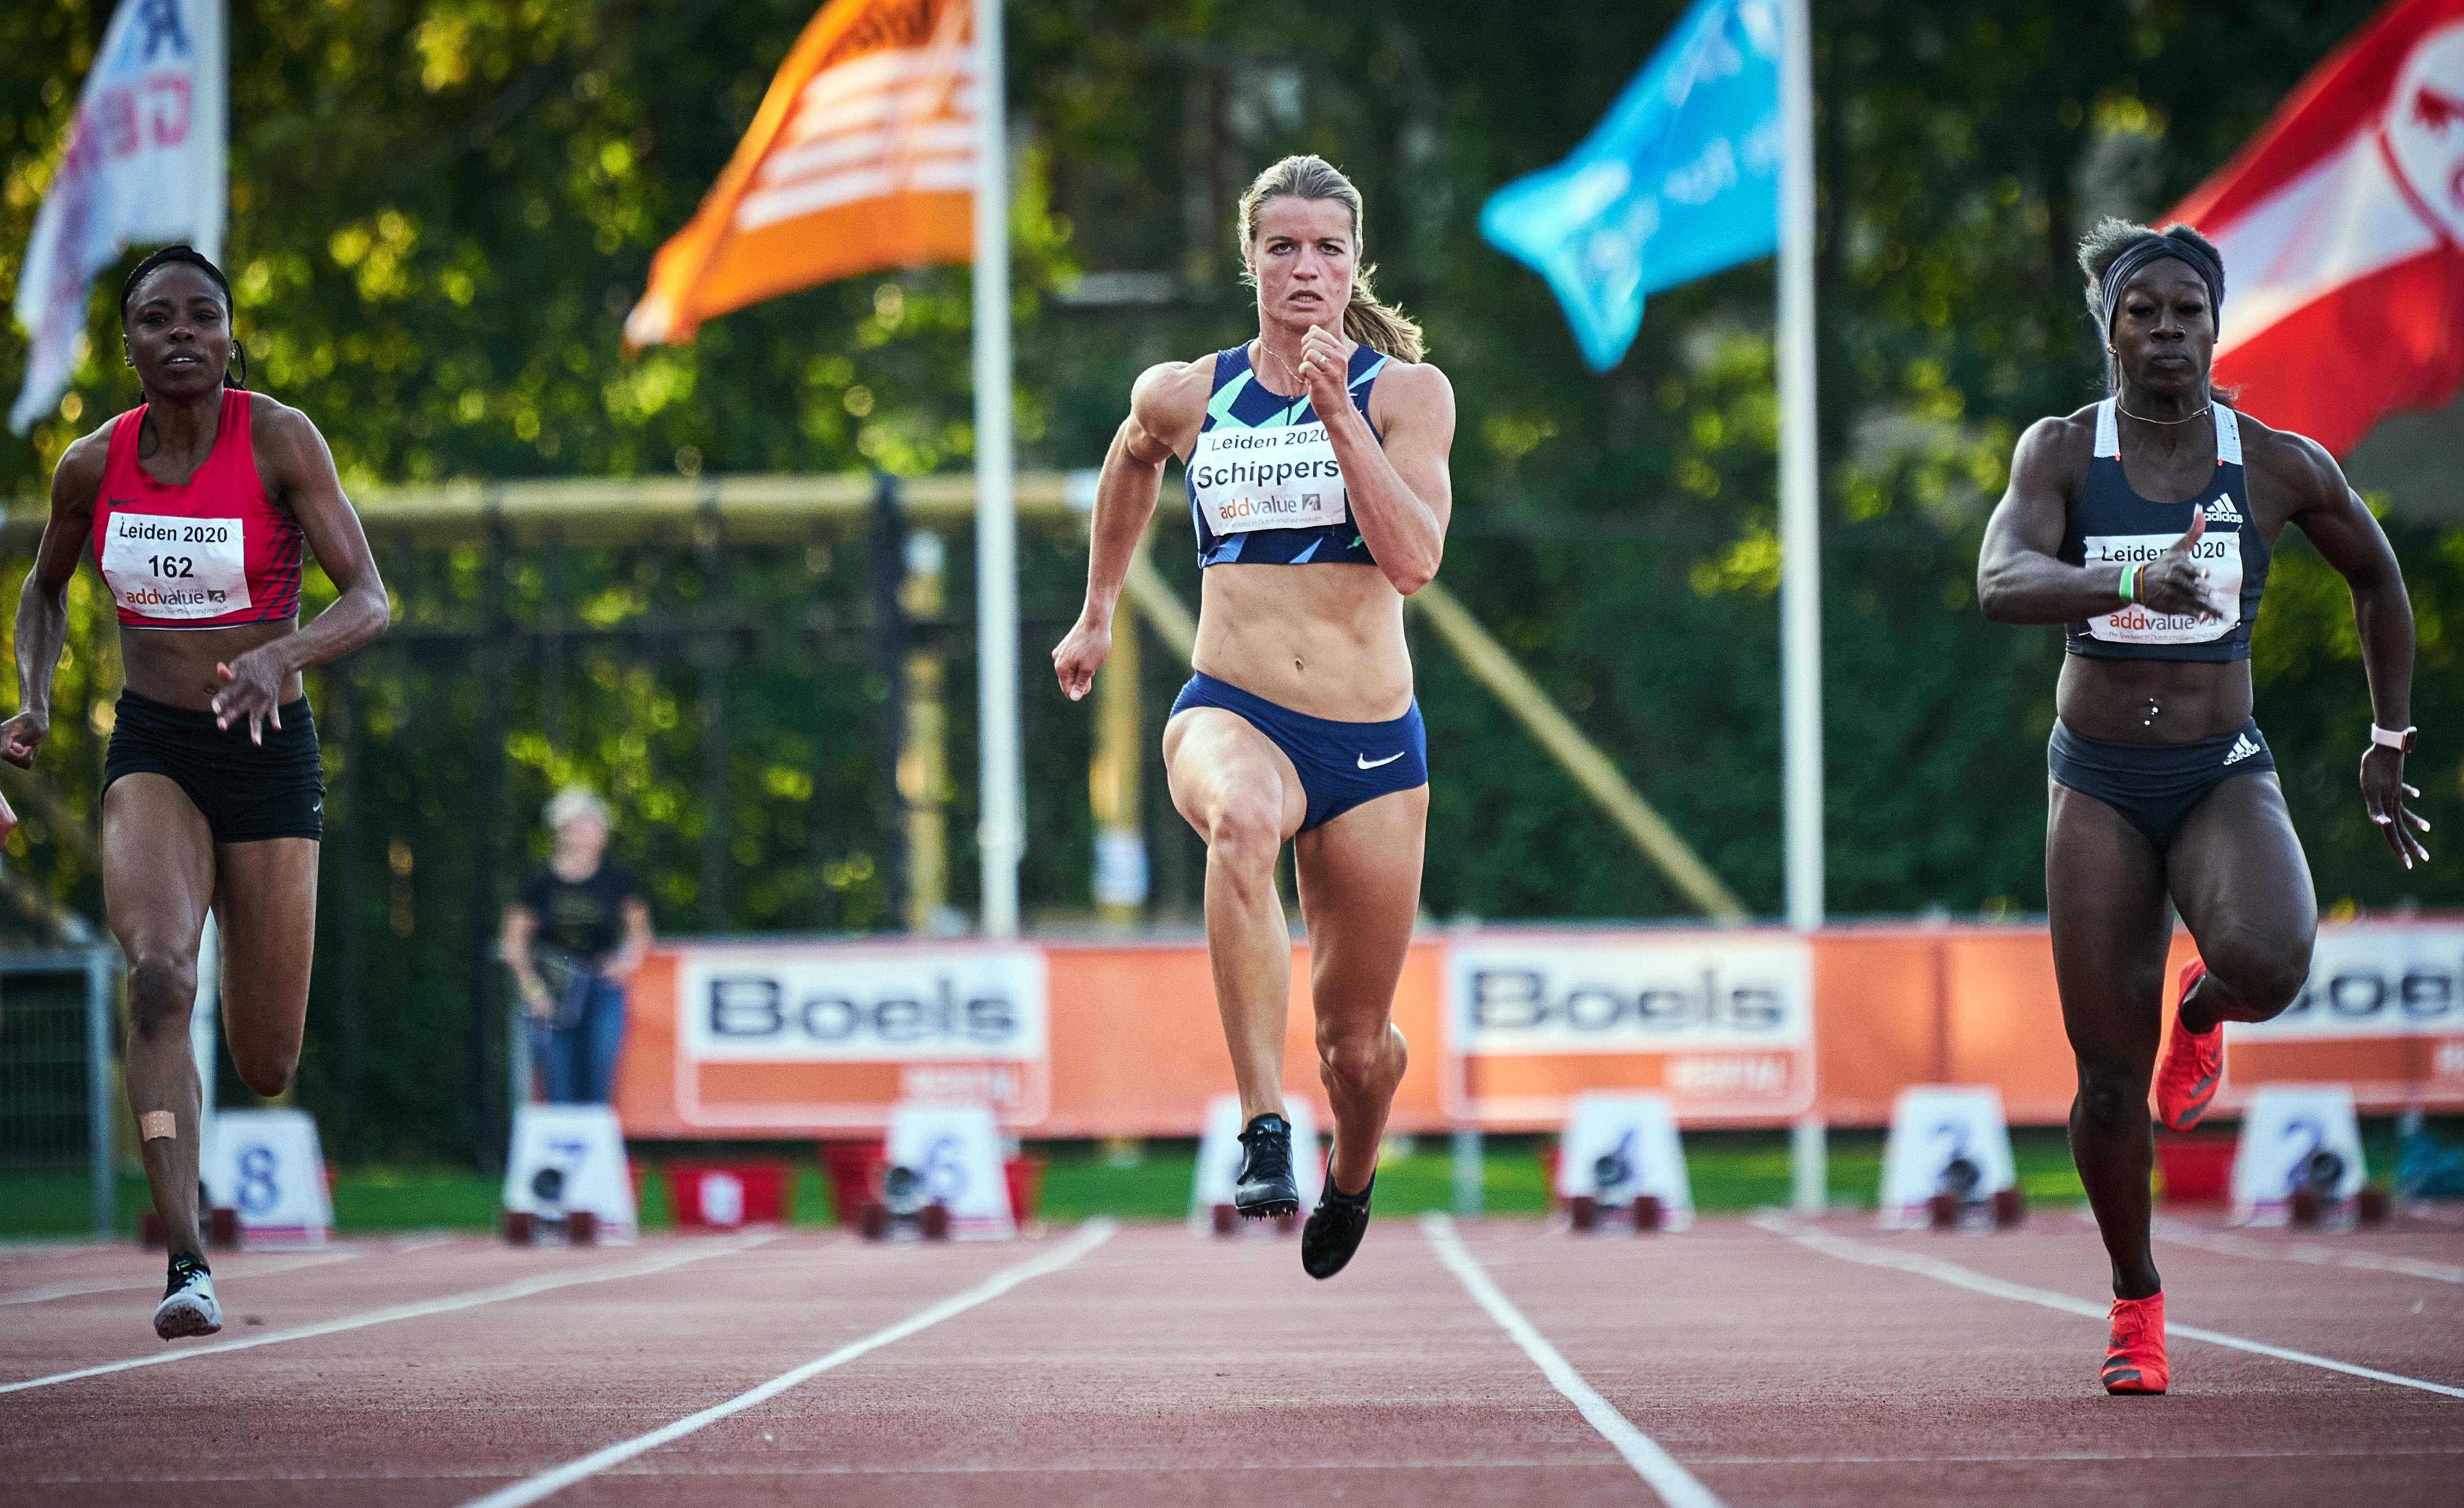 Zege Schippers op 100 meter bij Gouden Spike in Leiden